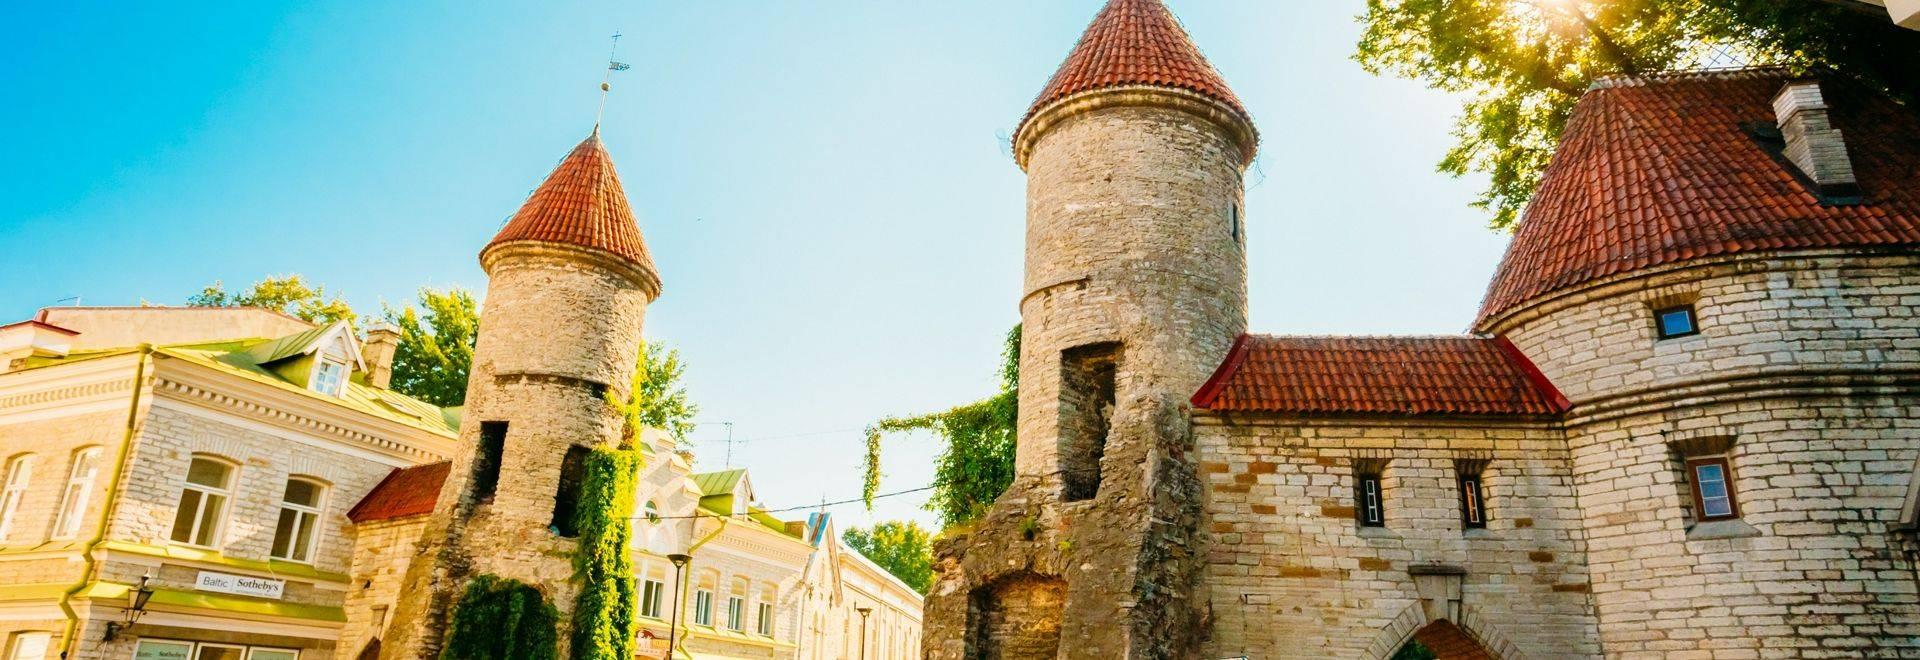 Shutterstock 217817677 Old Town, Tallinn